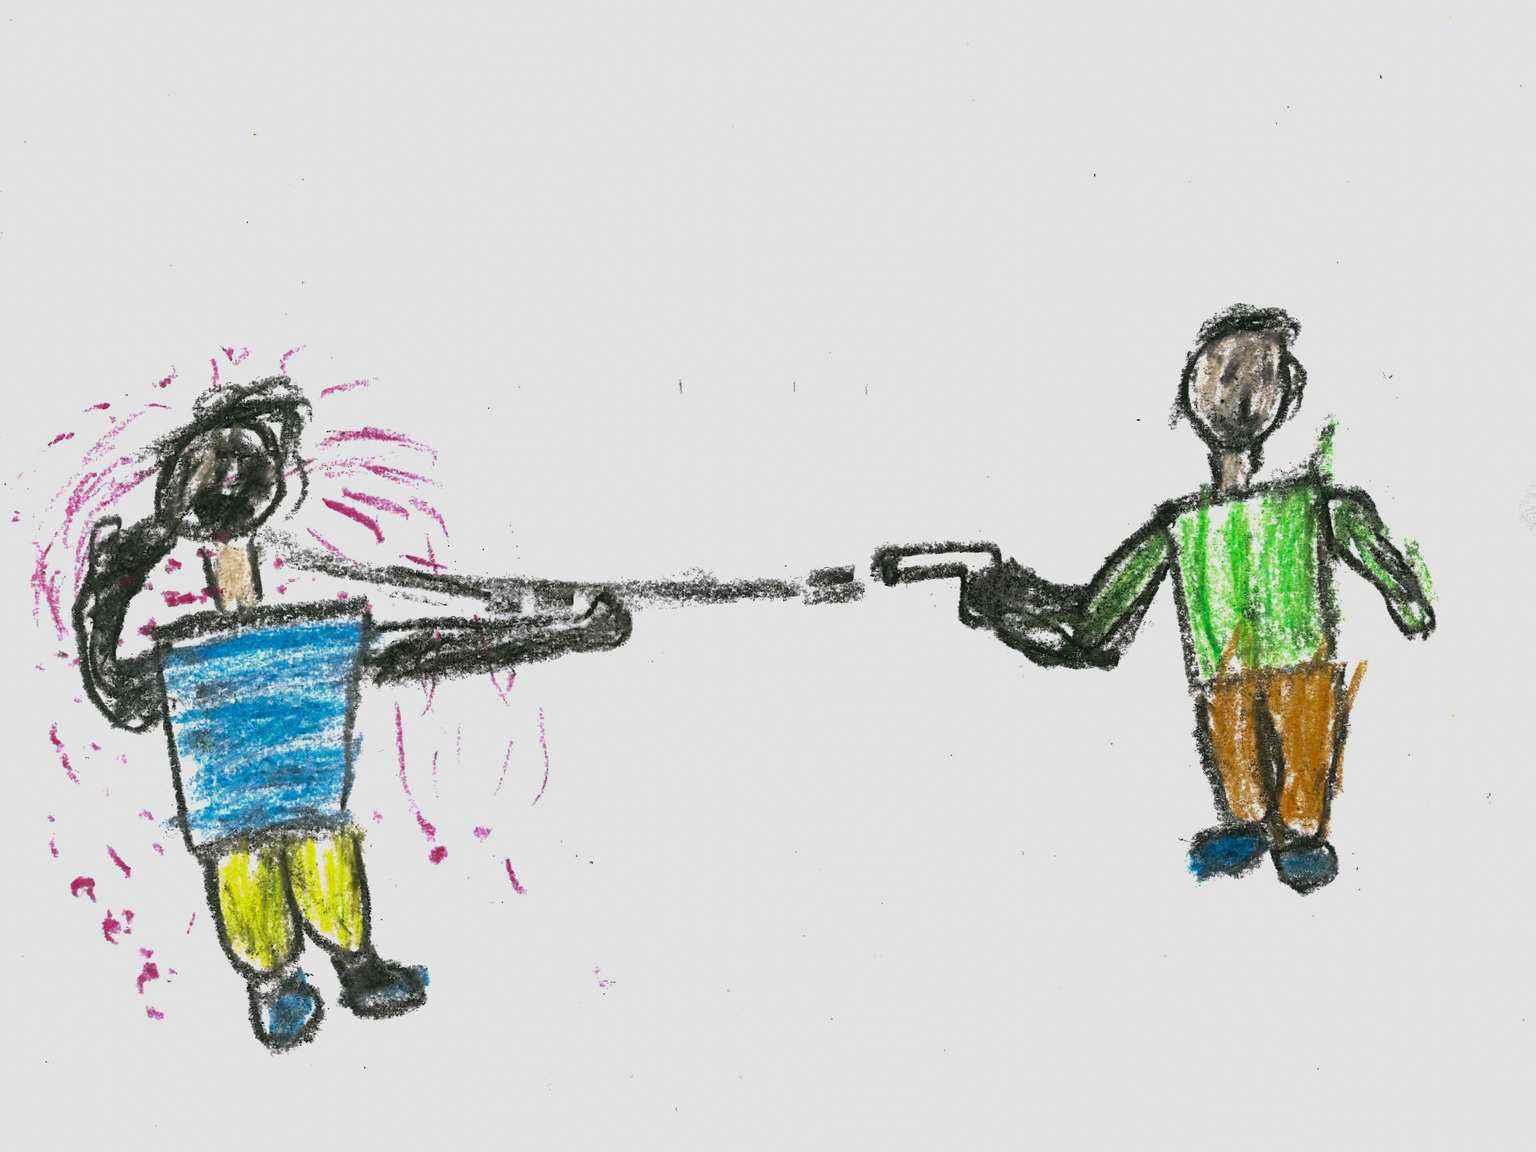 """لوحة لطفل عمره 11 عامًا، نزح مع أسرته في عام 2012 من دمشق، """"رسمت فيها رجلًا مسلحًا يطلق النار على رجل بريء، لأنني أعرف الكثير من الناس الذين ماتوا منذ البداية من الحرب""""-كانون الأول 2016 (يونيسيف)"""